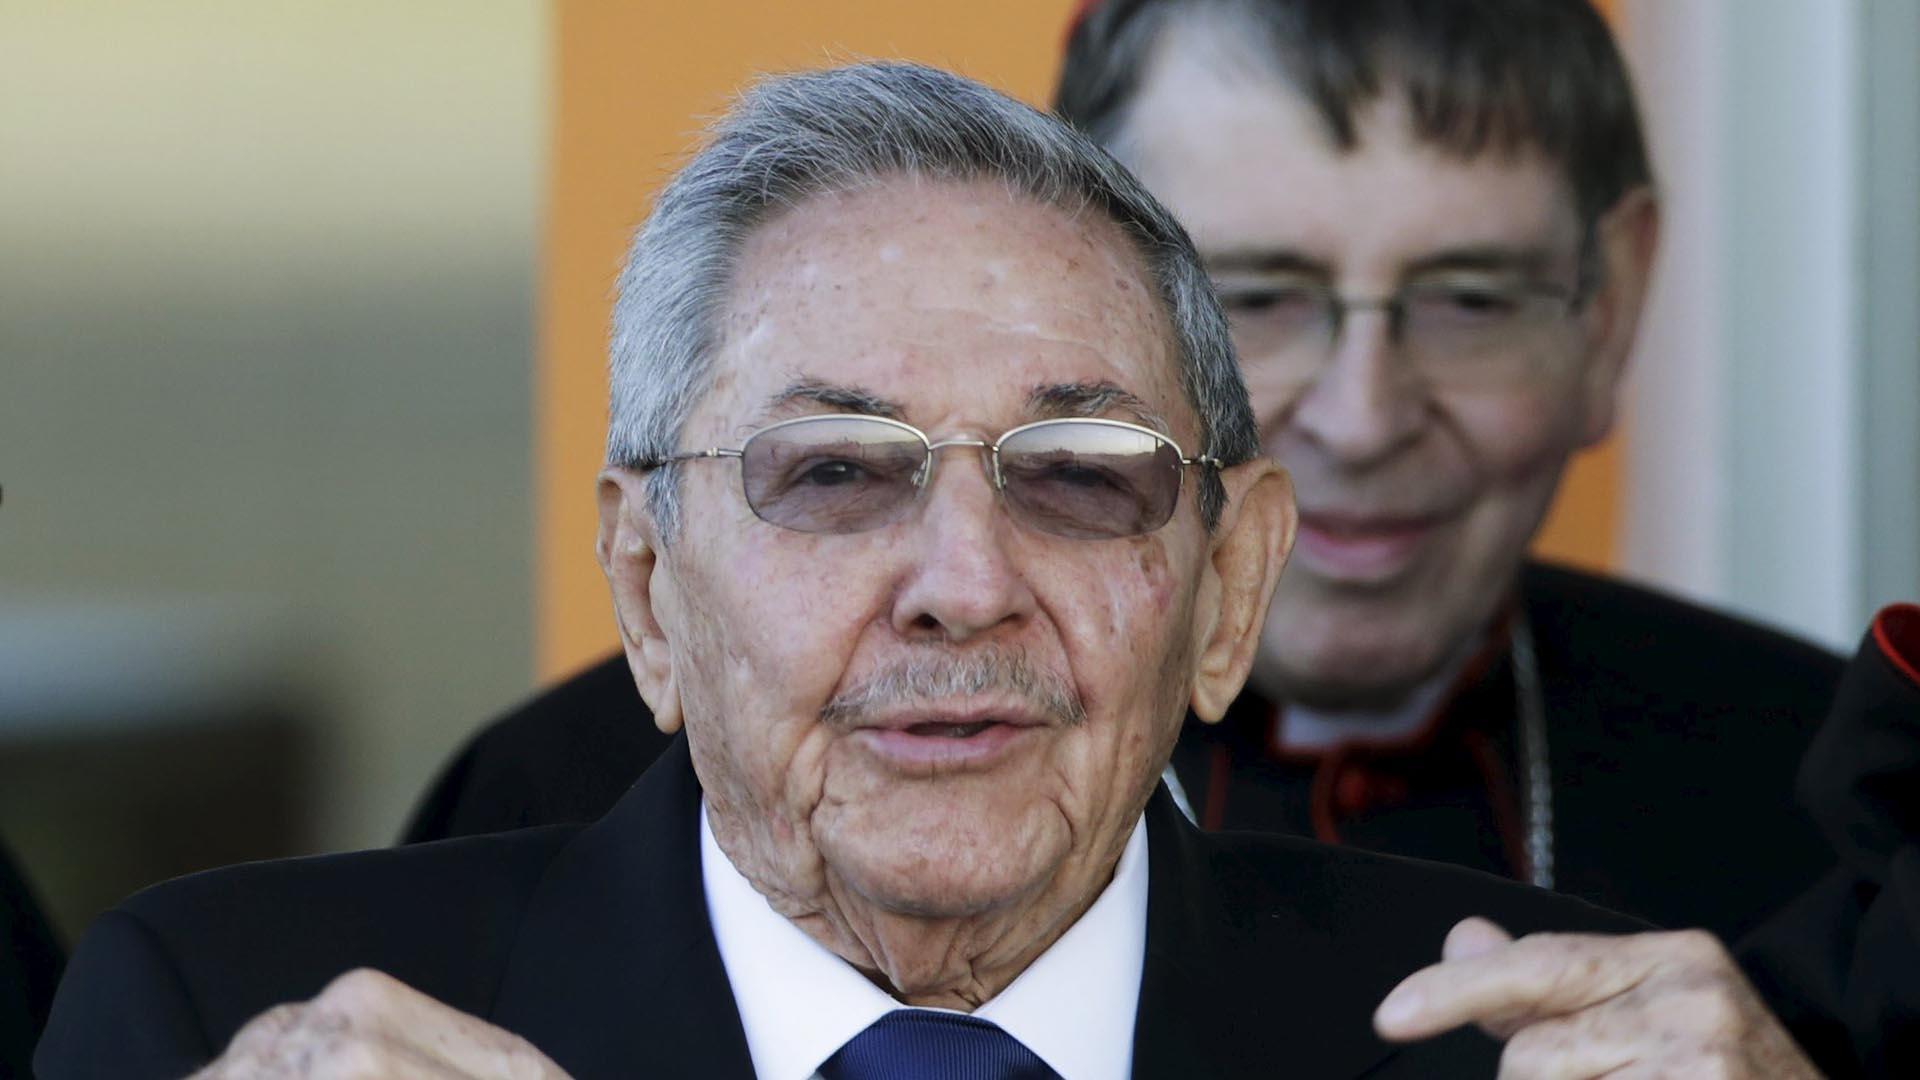 El Gobierno de Raúl Castro ratificó el apoyo hacia el presidente Nicolás Maduro y sostuvo que se mantiene vigente el objetivo de derrocarlo